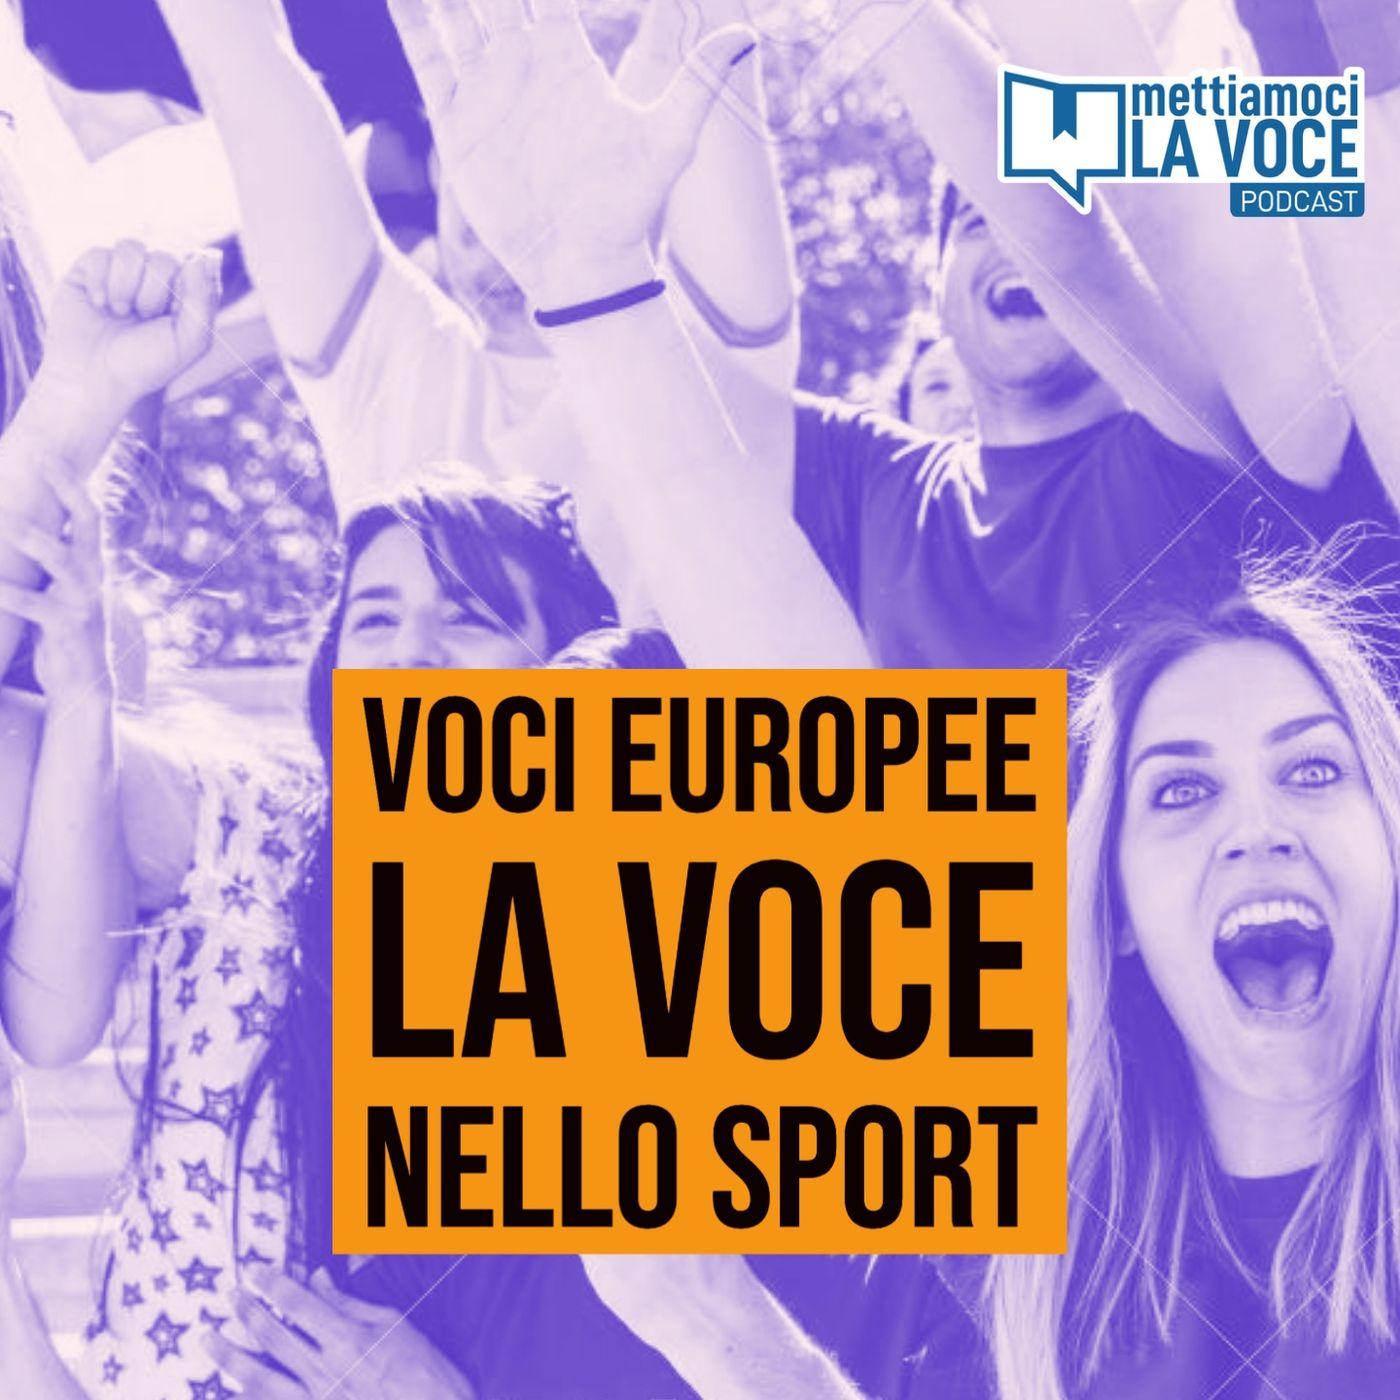 174 - Voci europee, la voce nello sport